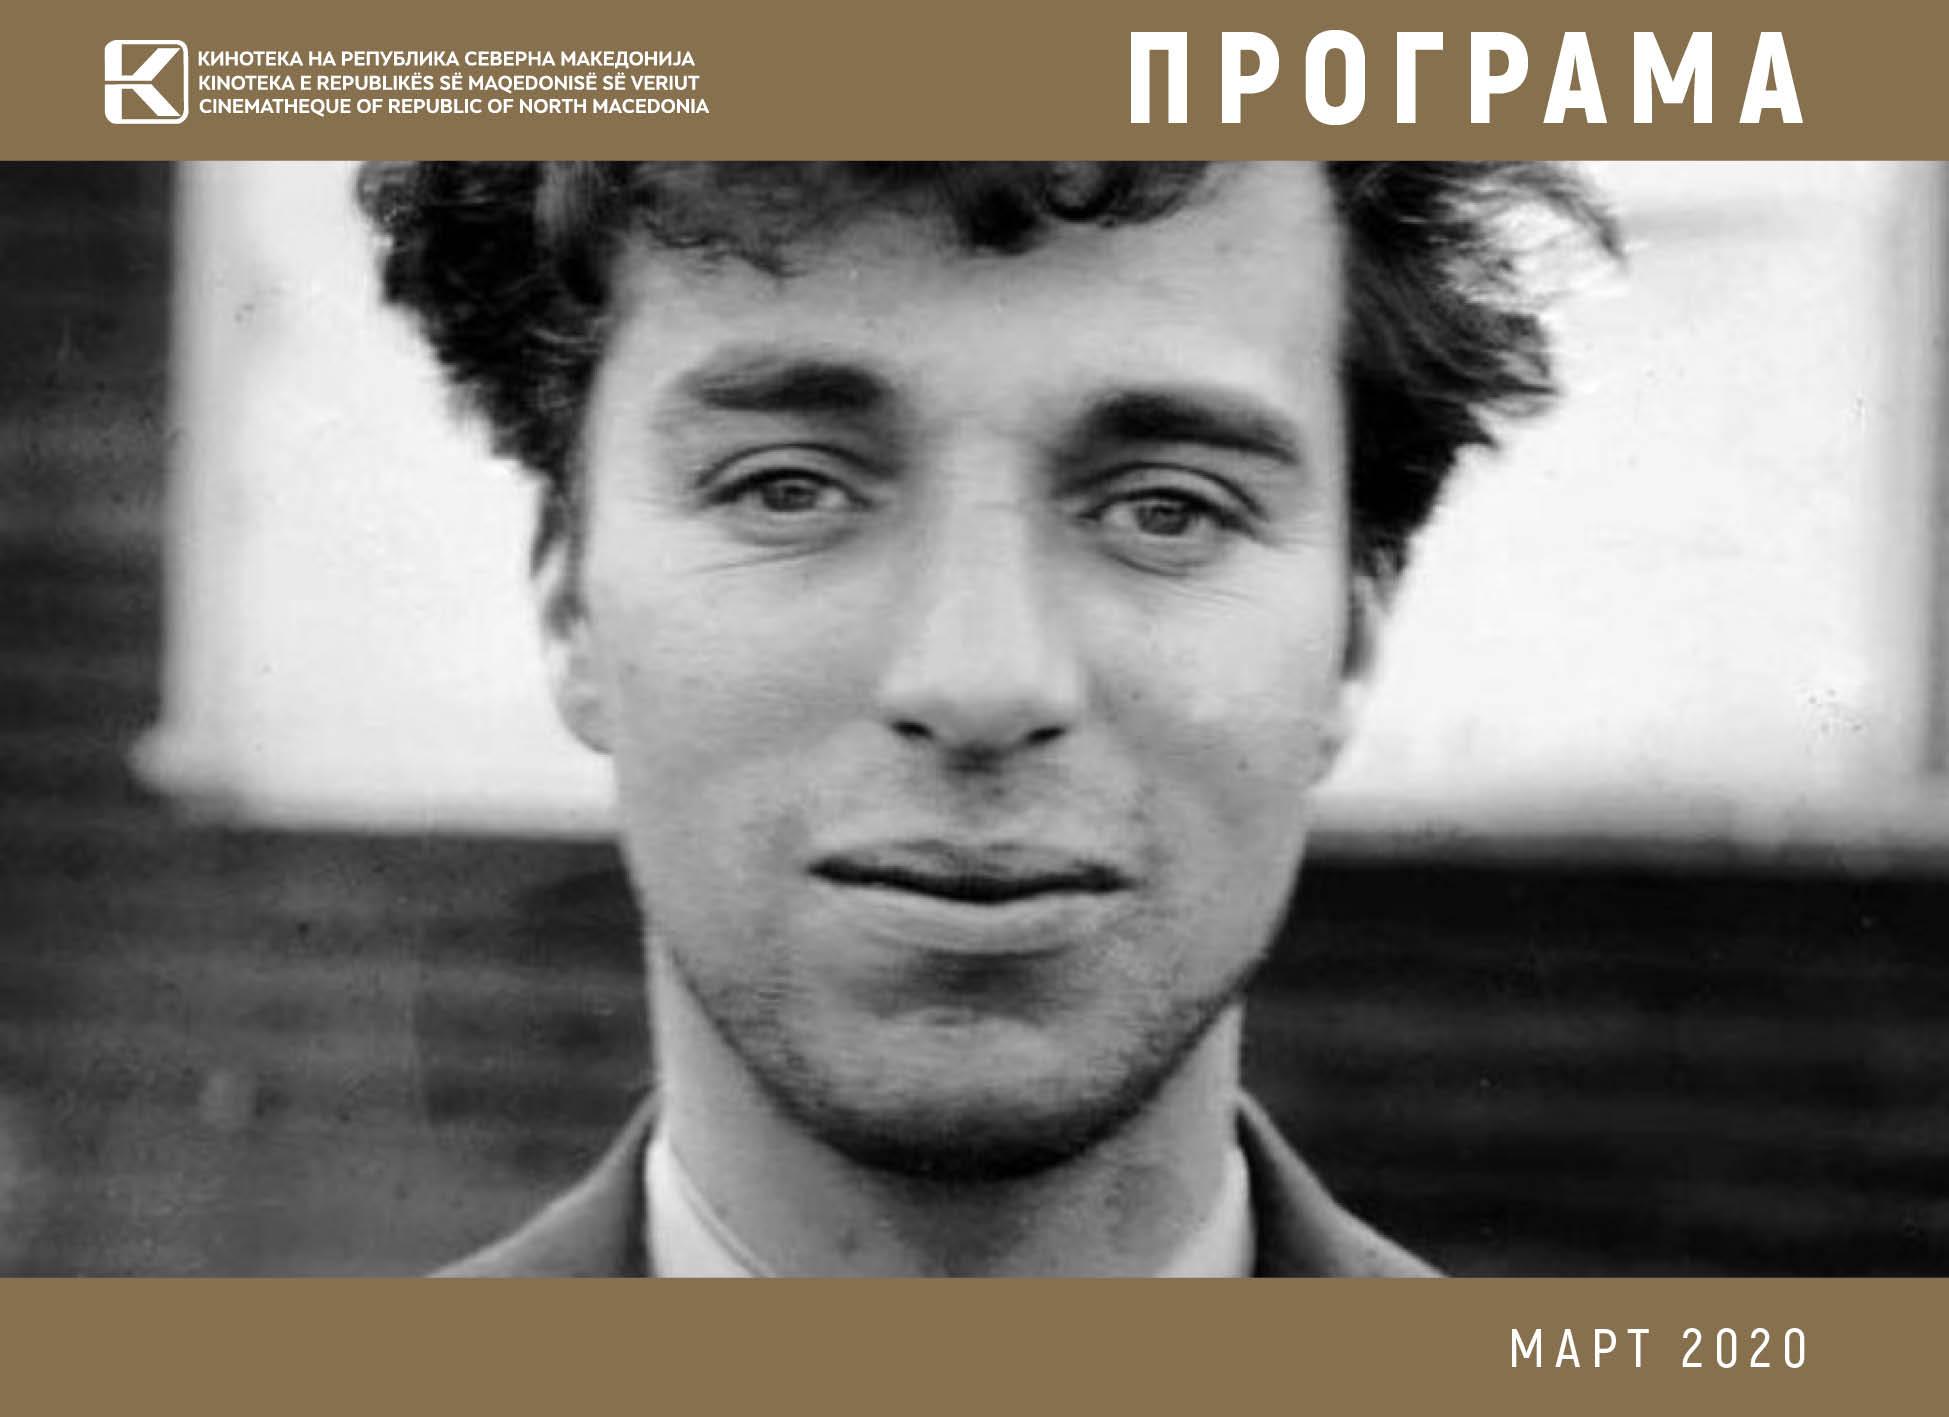 ПРОГРАМА МАРТ 2020